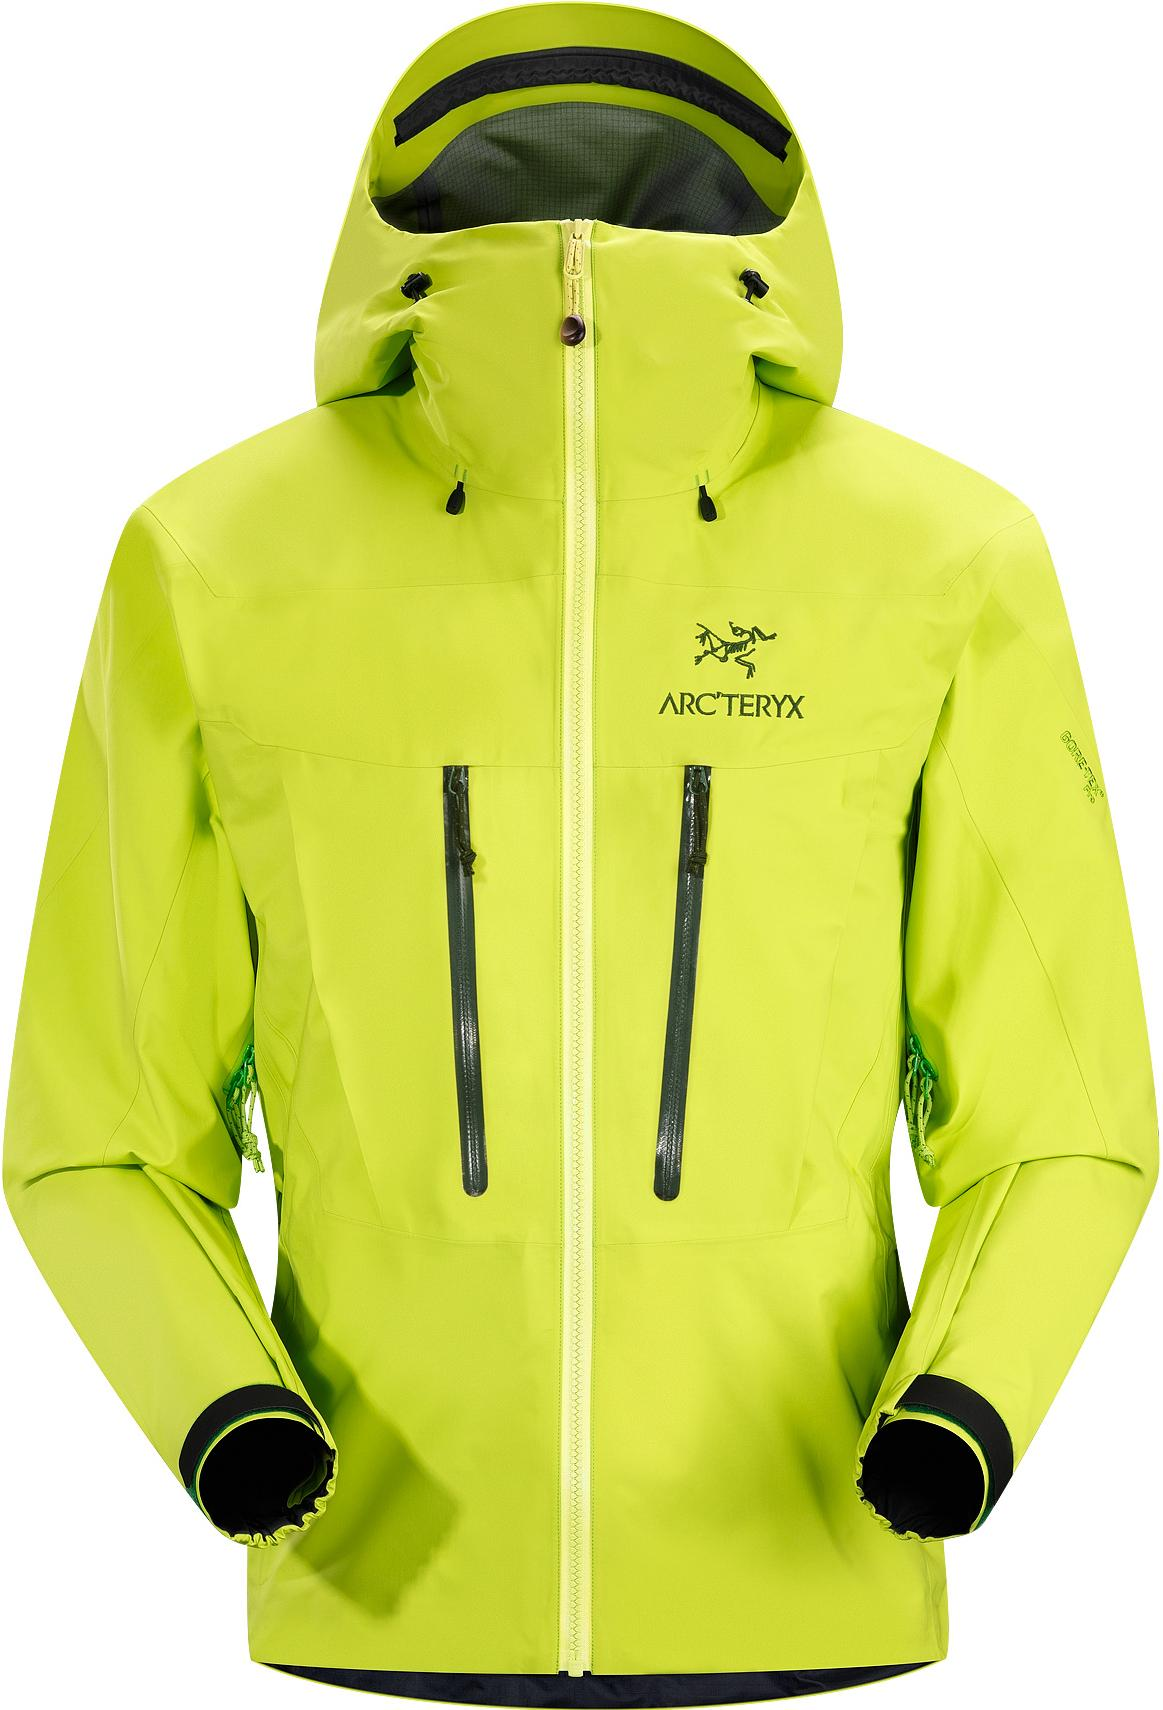 Arcteryx 始祖鳥 雨衣/健行/背包客/玉山 Alpha SV 登山雨衣/風雨衣 頂級款 男 Gore Tex Pro 12700 猛毒黃 Arc'teryx 加拿大製